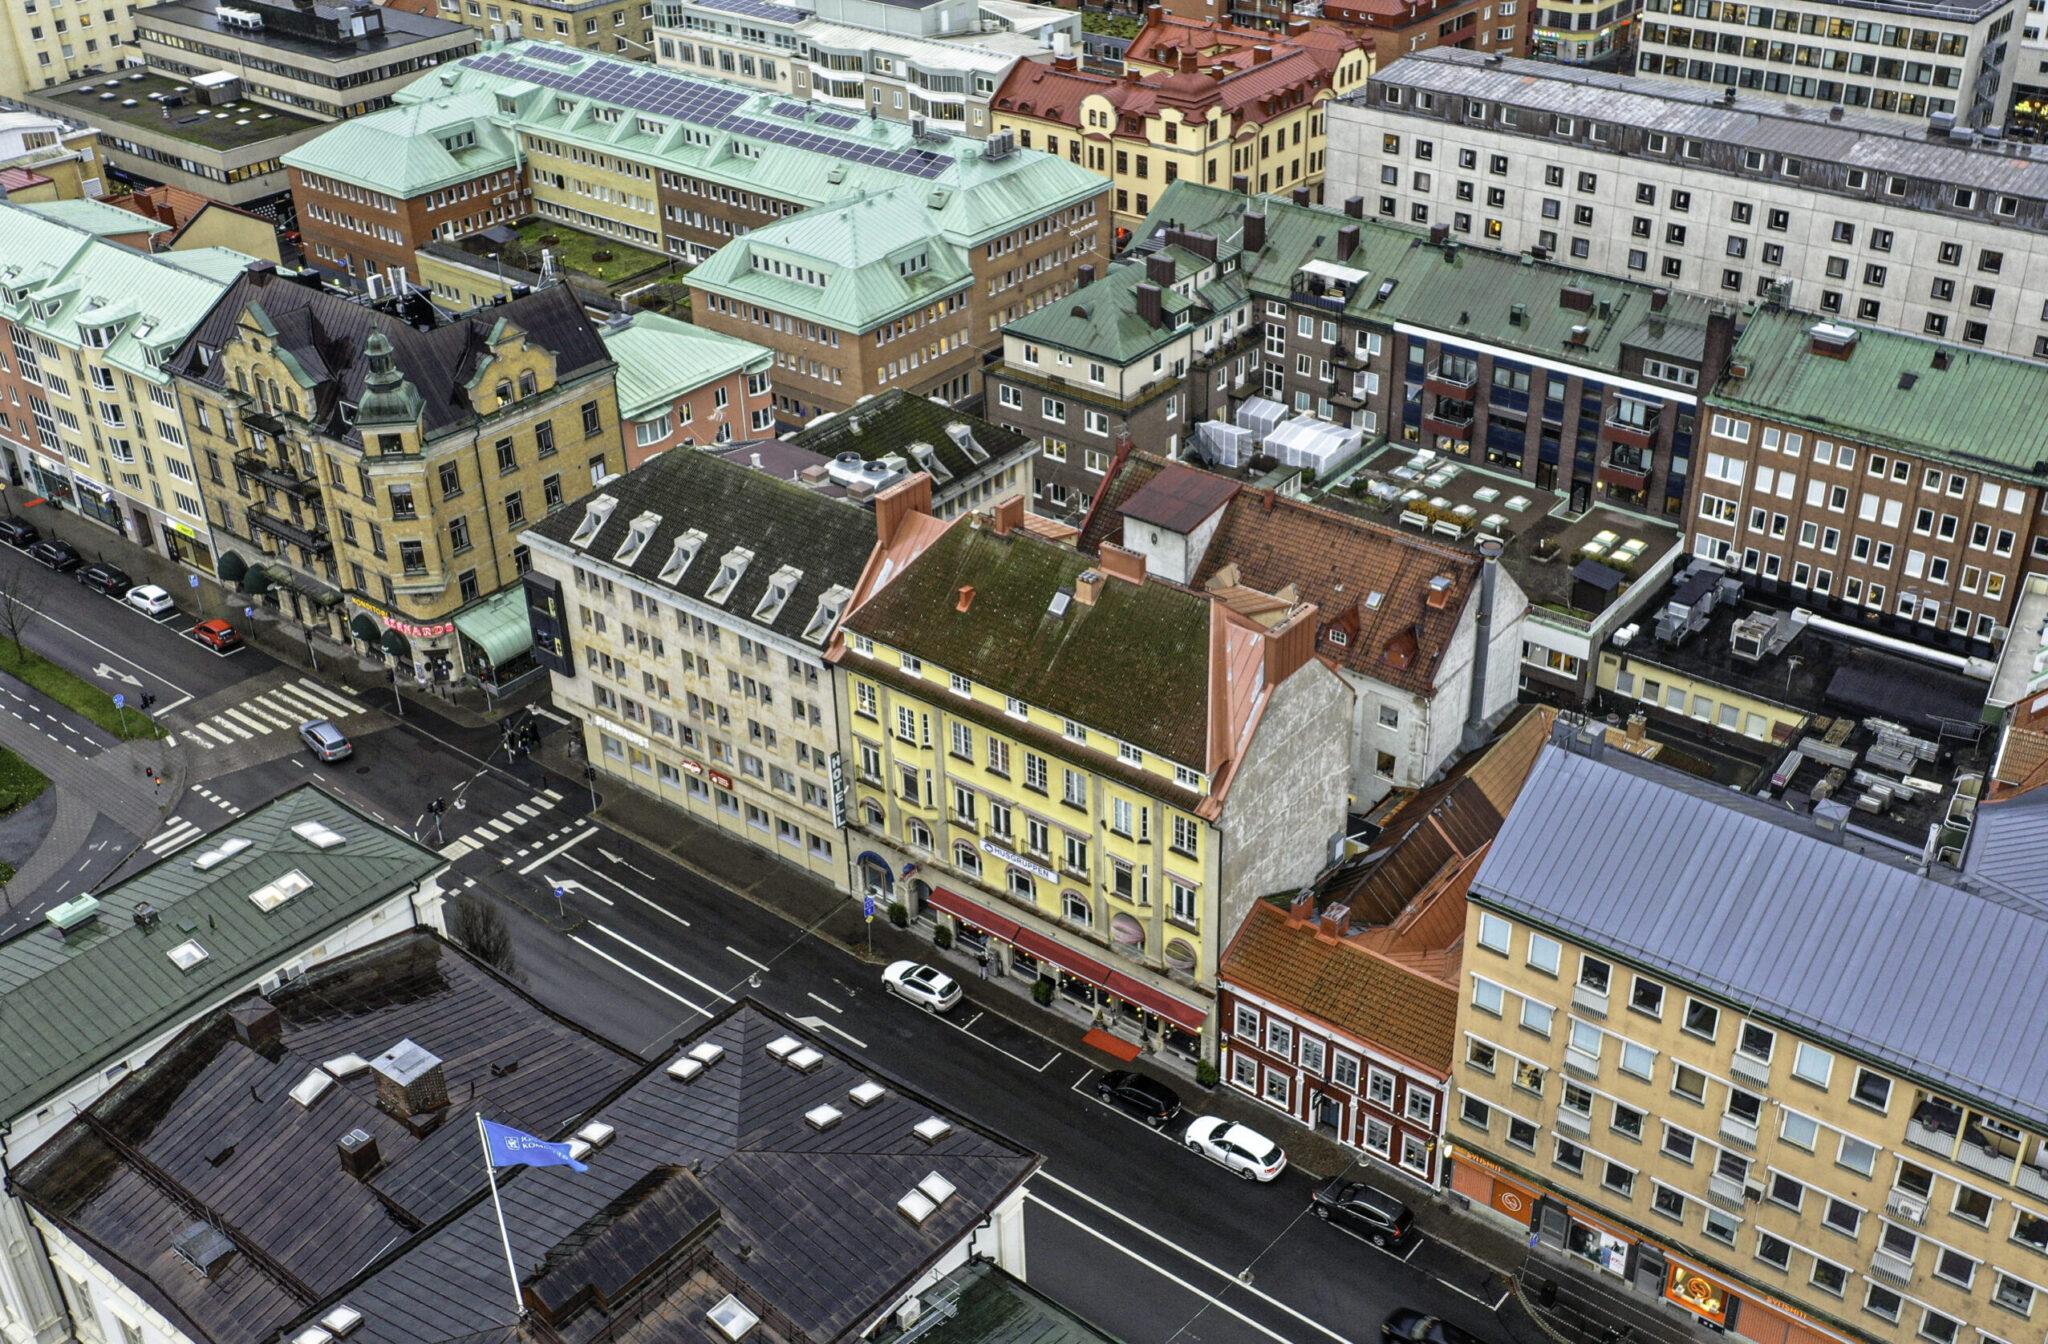 Drönarbild på Kyrkogatan